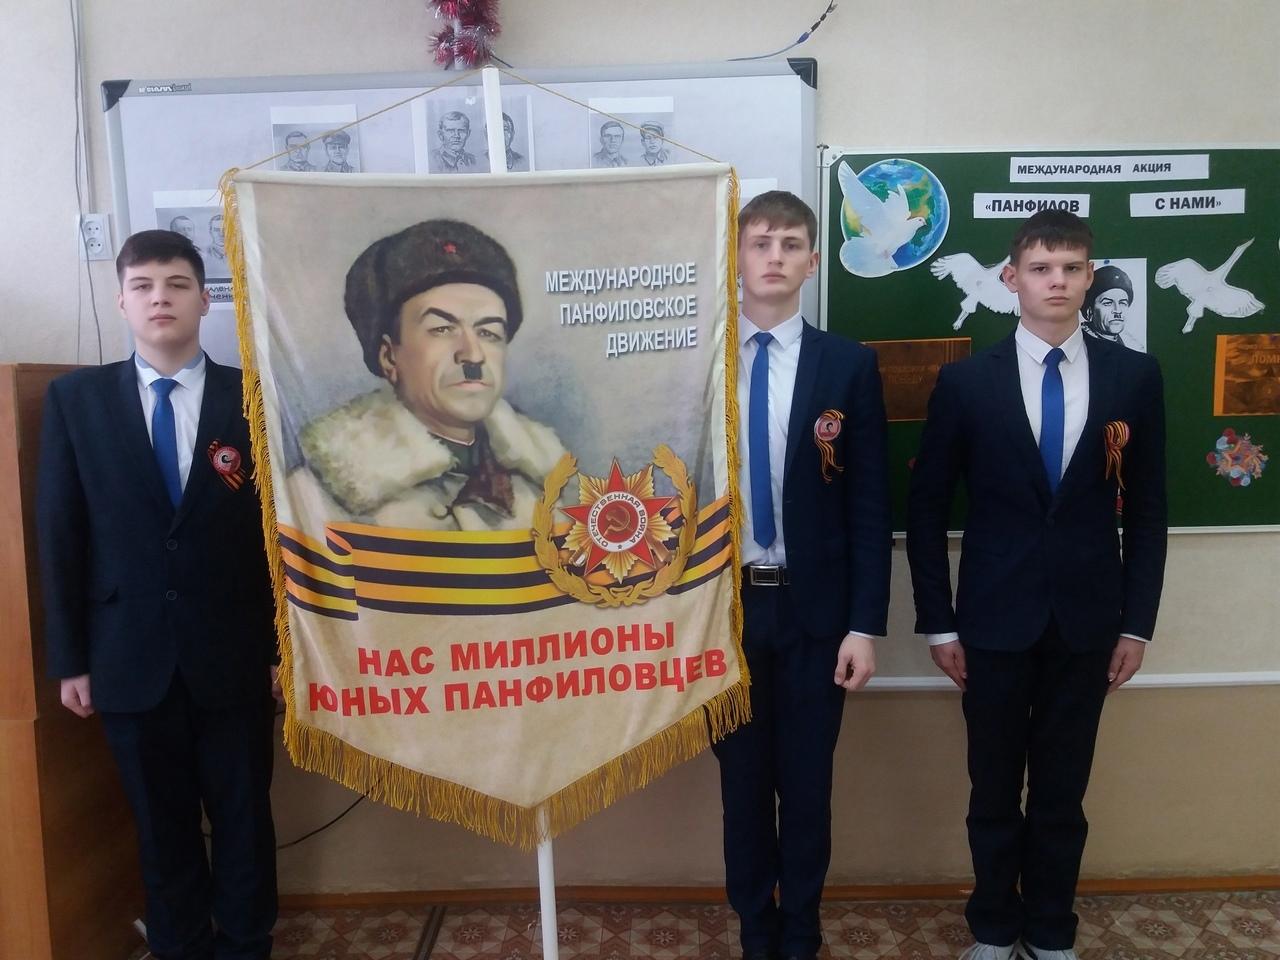 В Петровске состоится форум юных панфиловцев